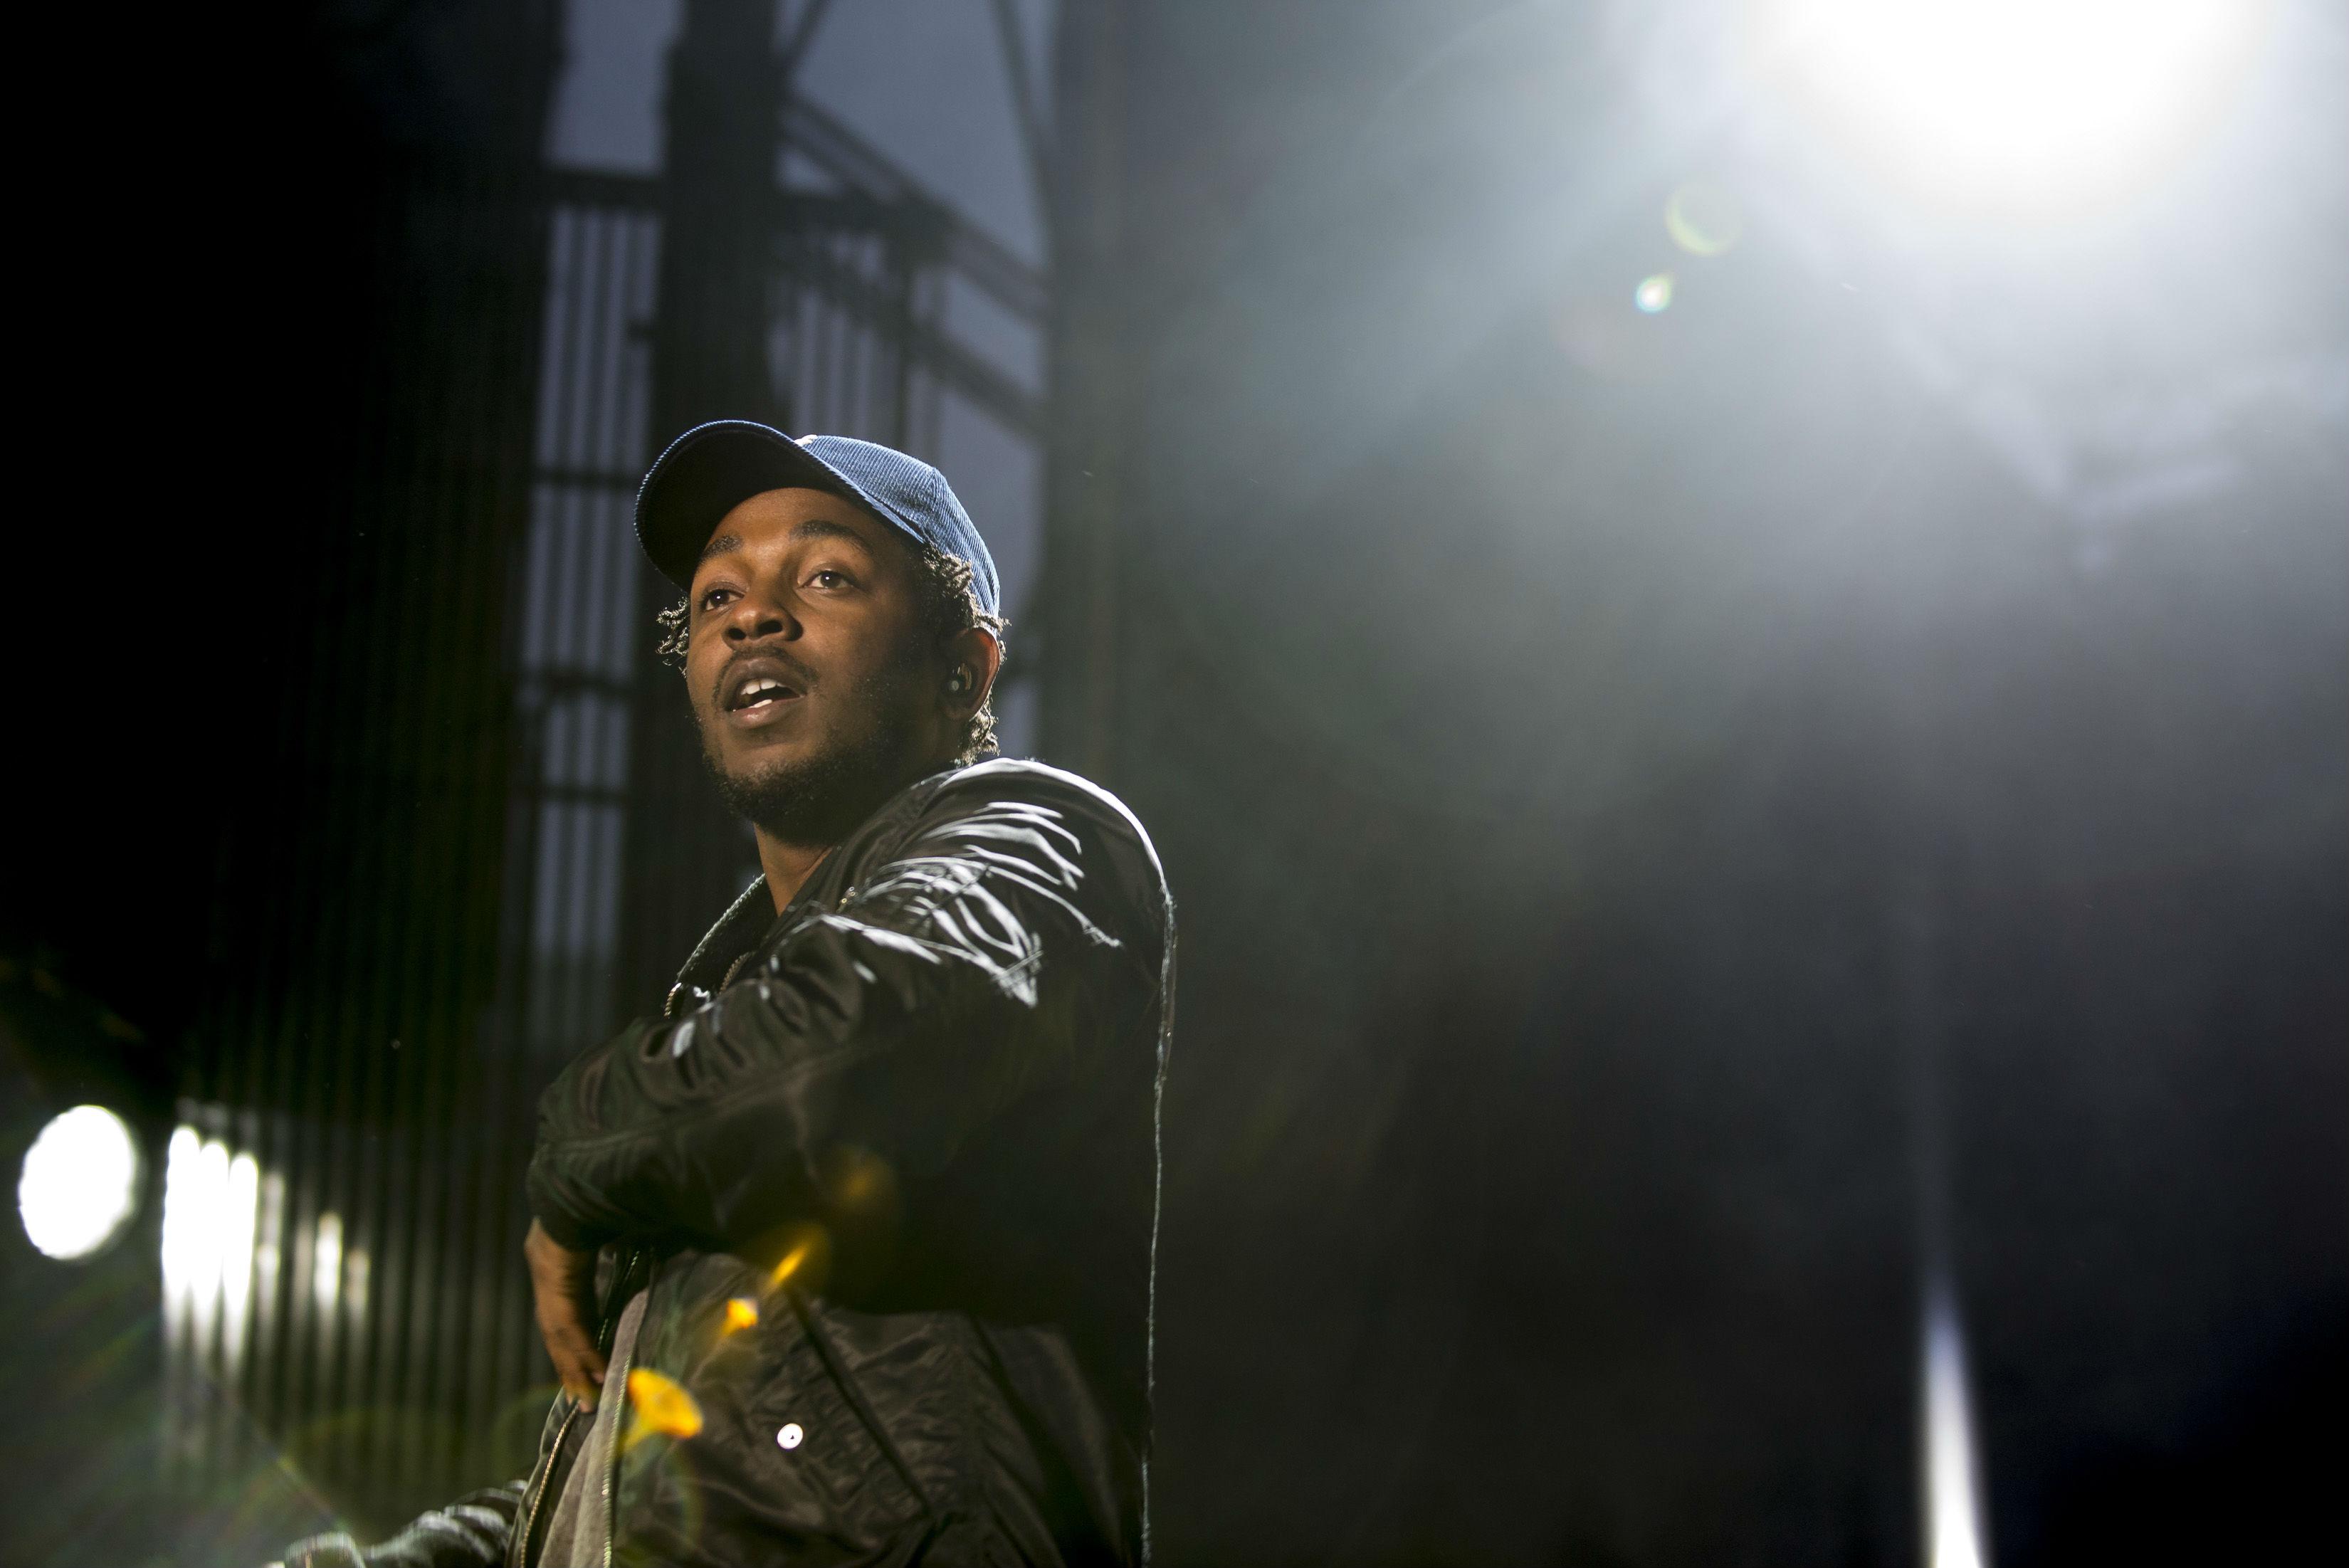 Behind-the-Scenes Footage From Kendrick Lamar's 'King Kunta' Video